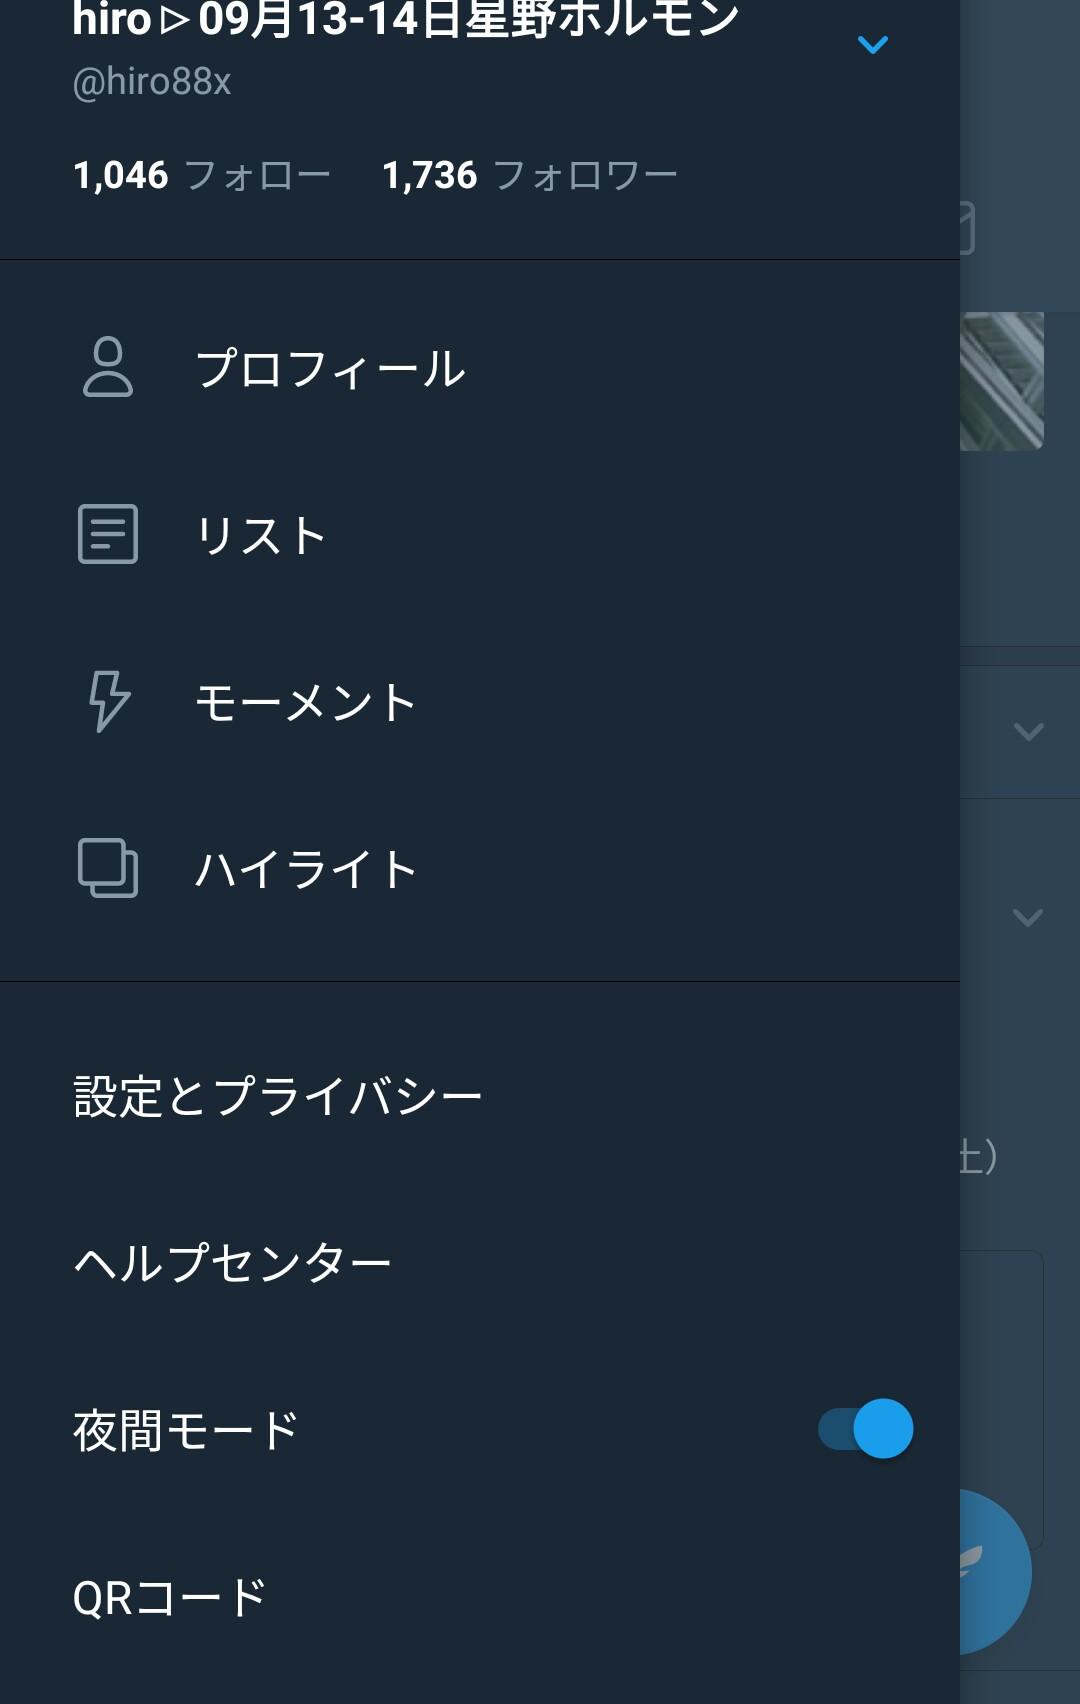 f:id:hiro88x:20170909185521j:plain